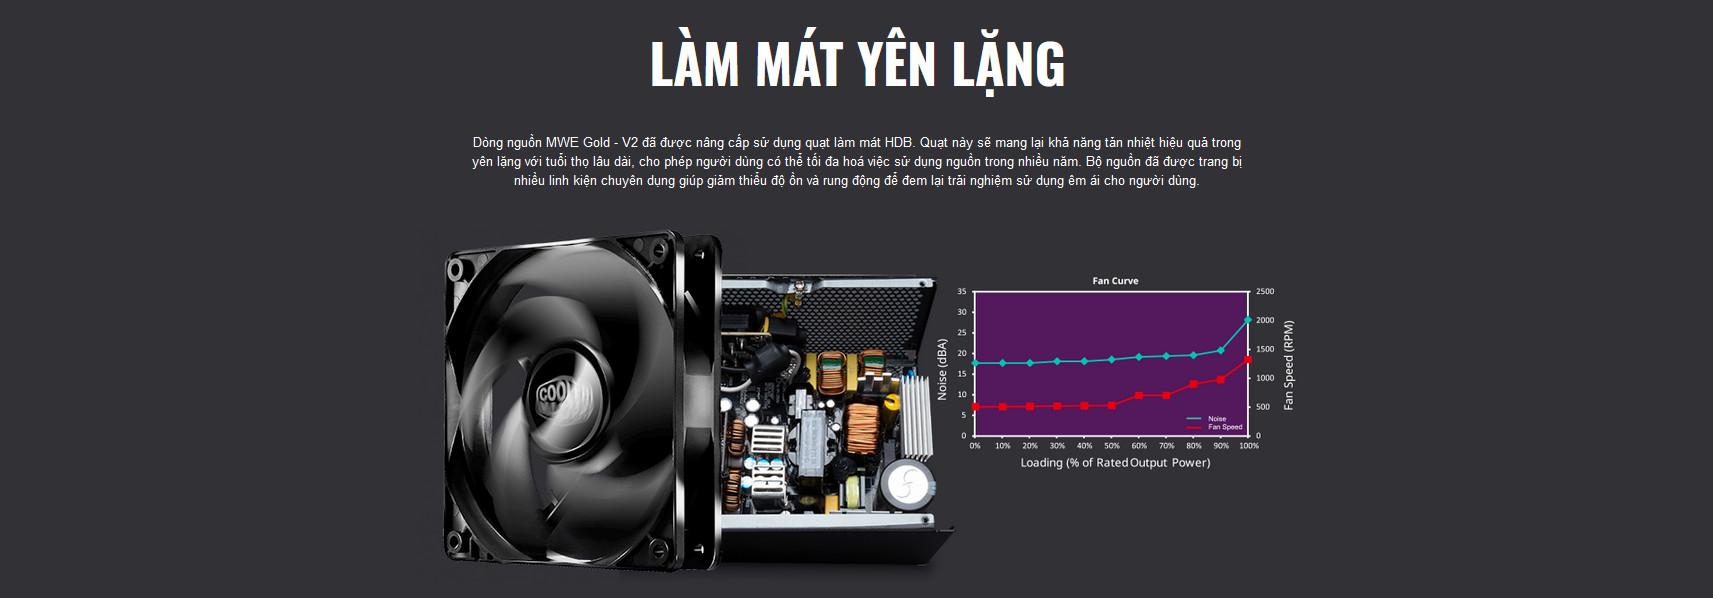 Nguồn máy tính Cooler Master MWE GOLD 750 - V2 750W ( 80 Plus Gold/Màu Đen/Full Modular) giới thiệu 5